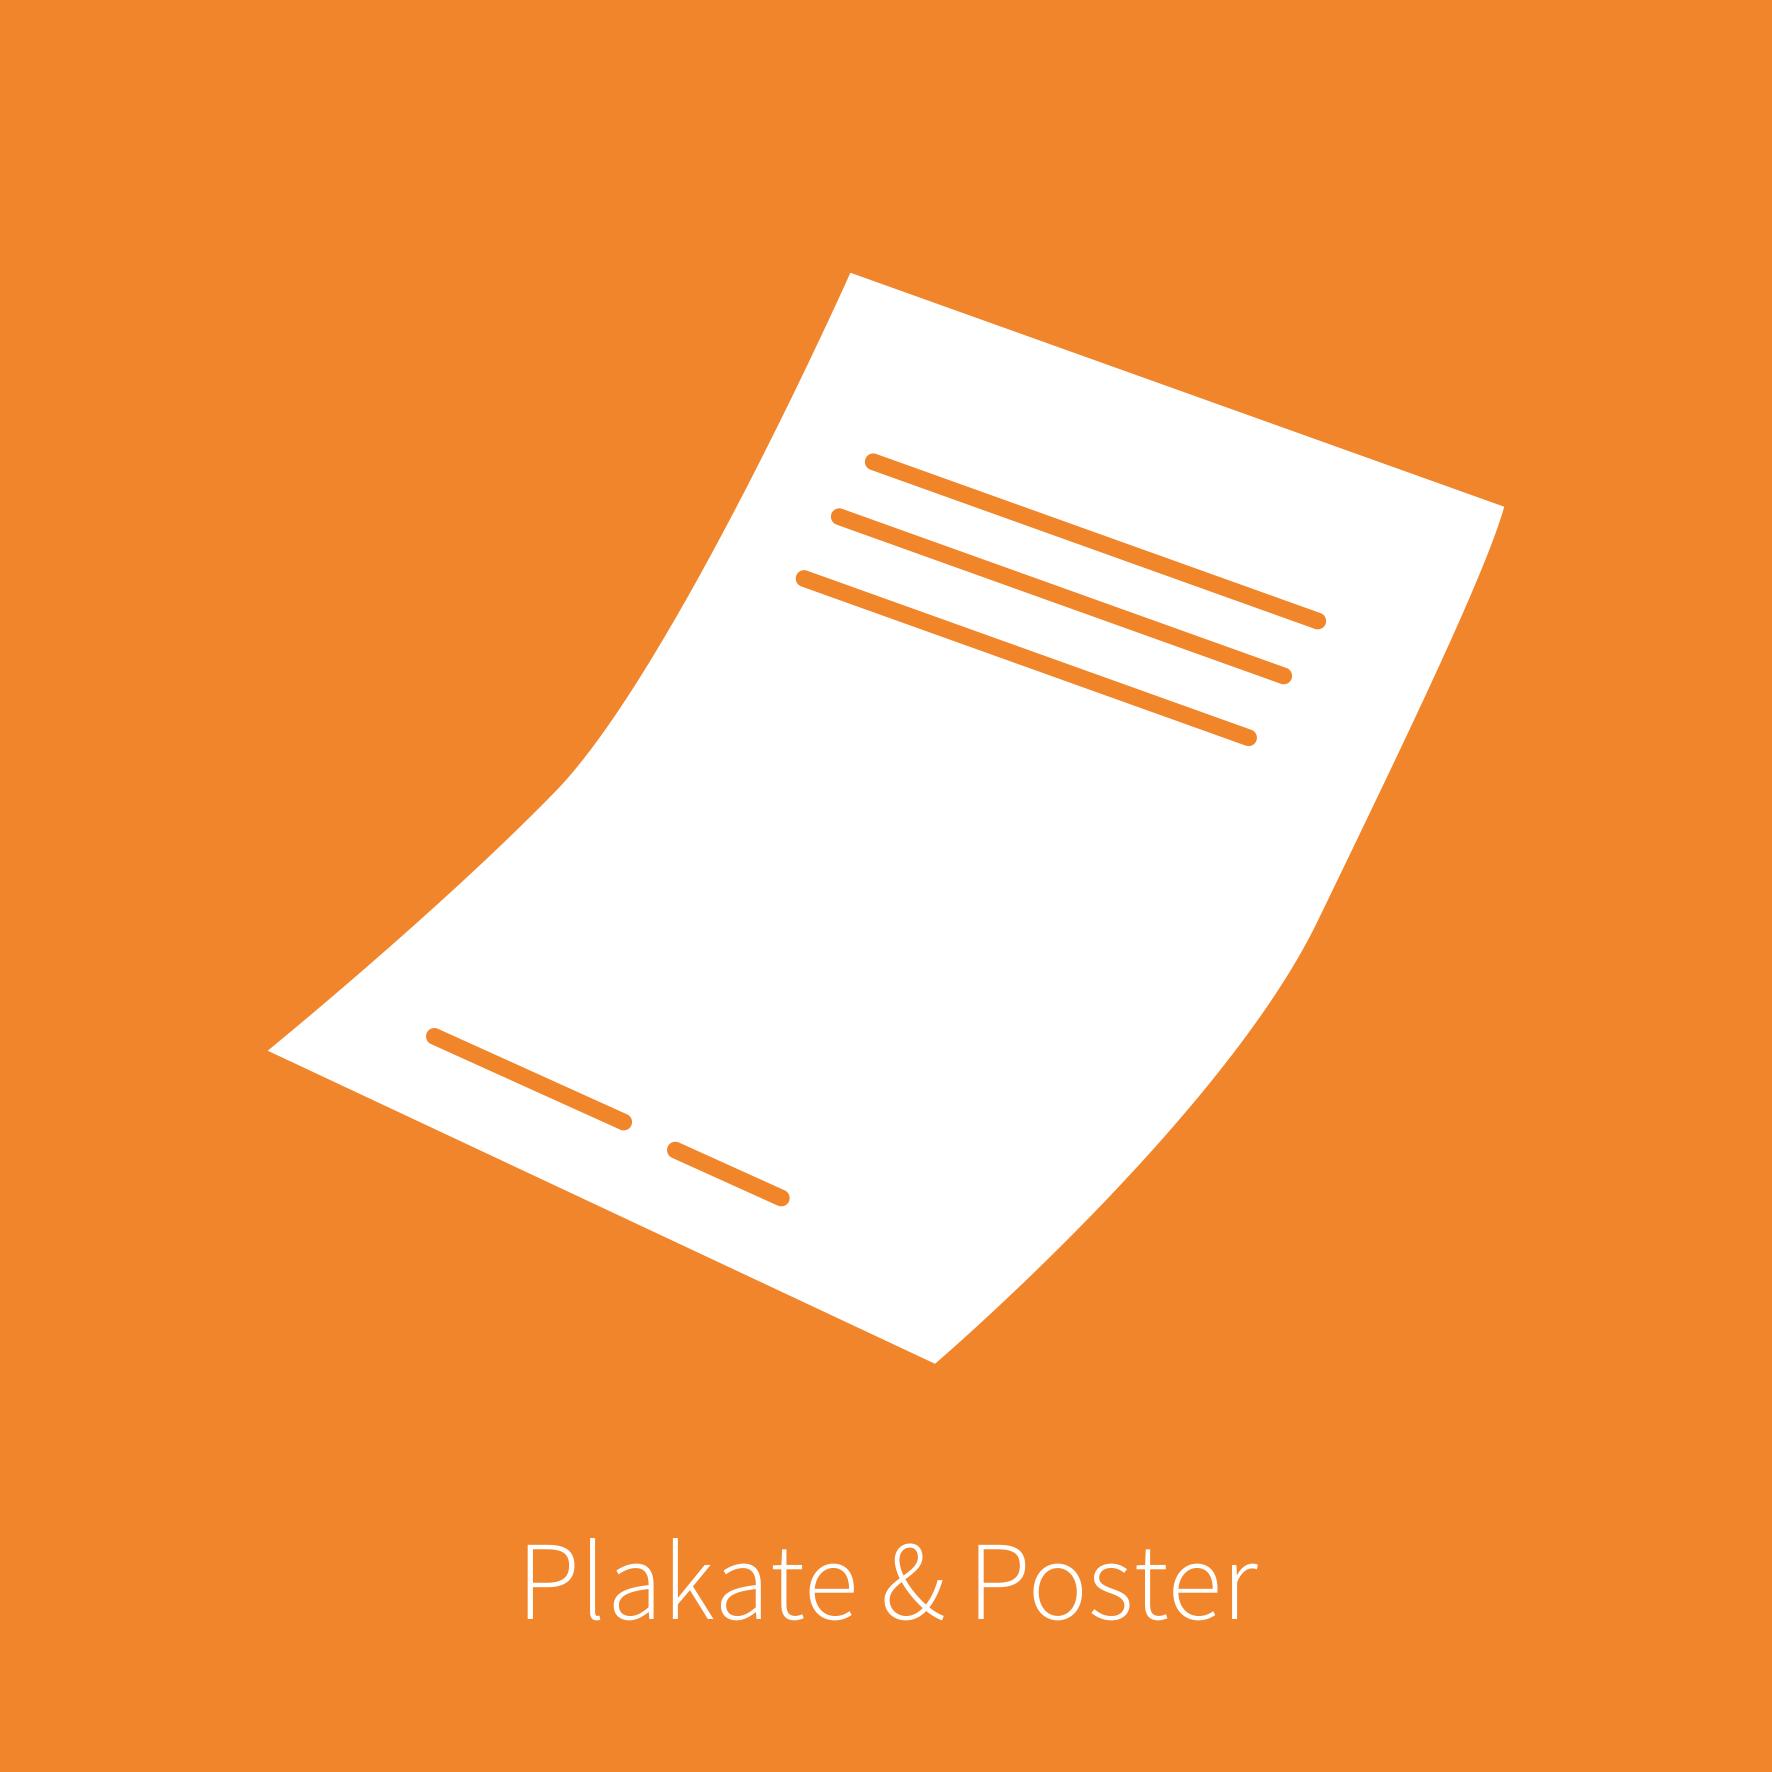 Plakate & Poster